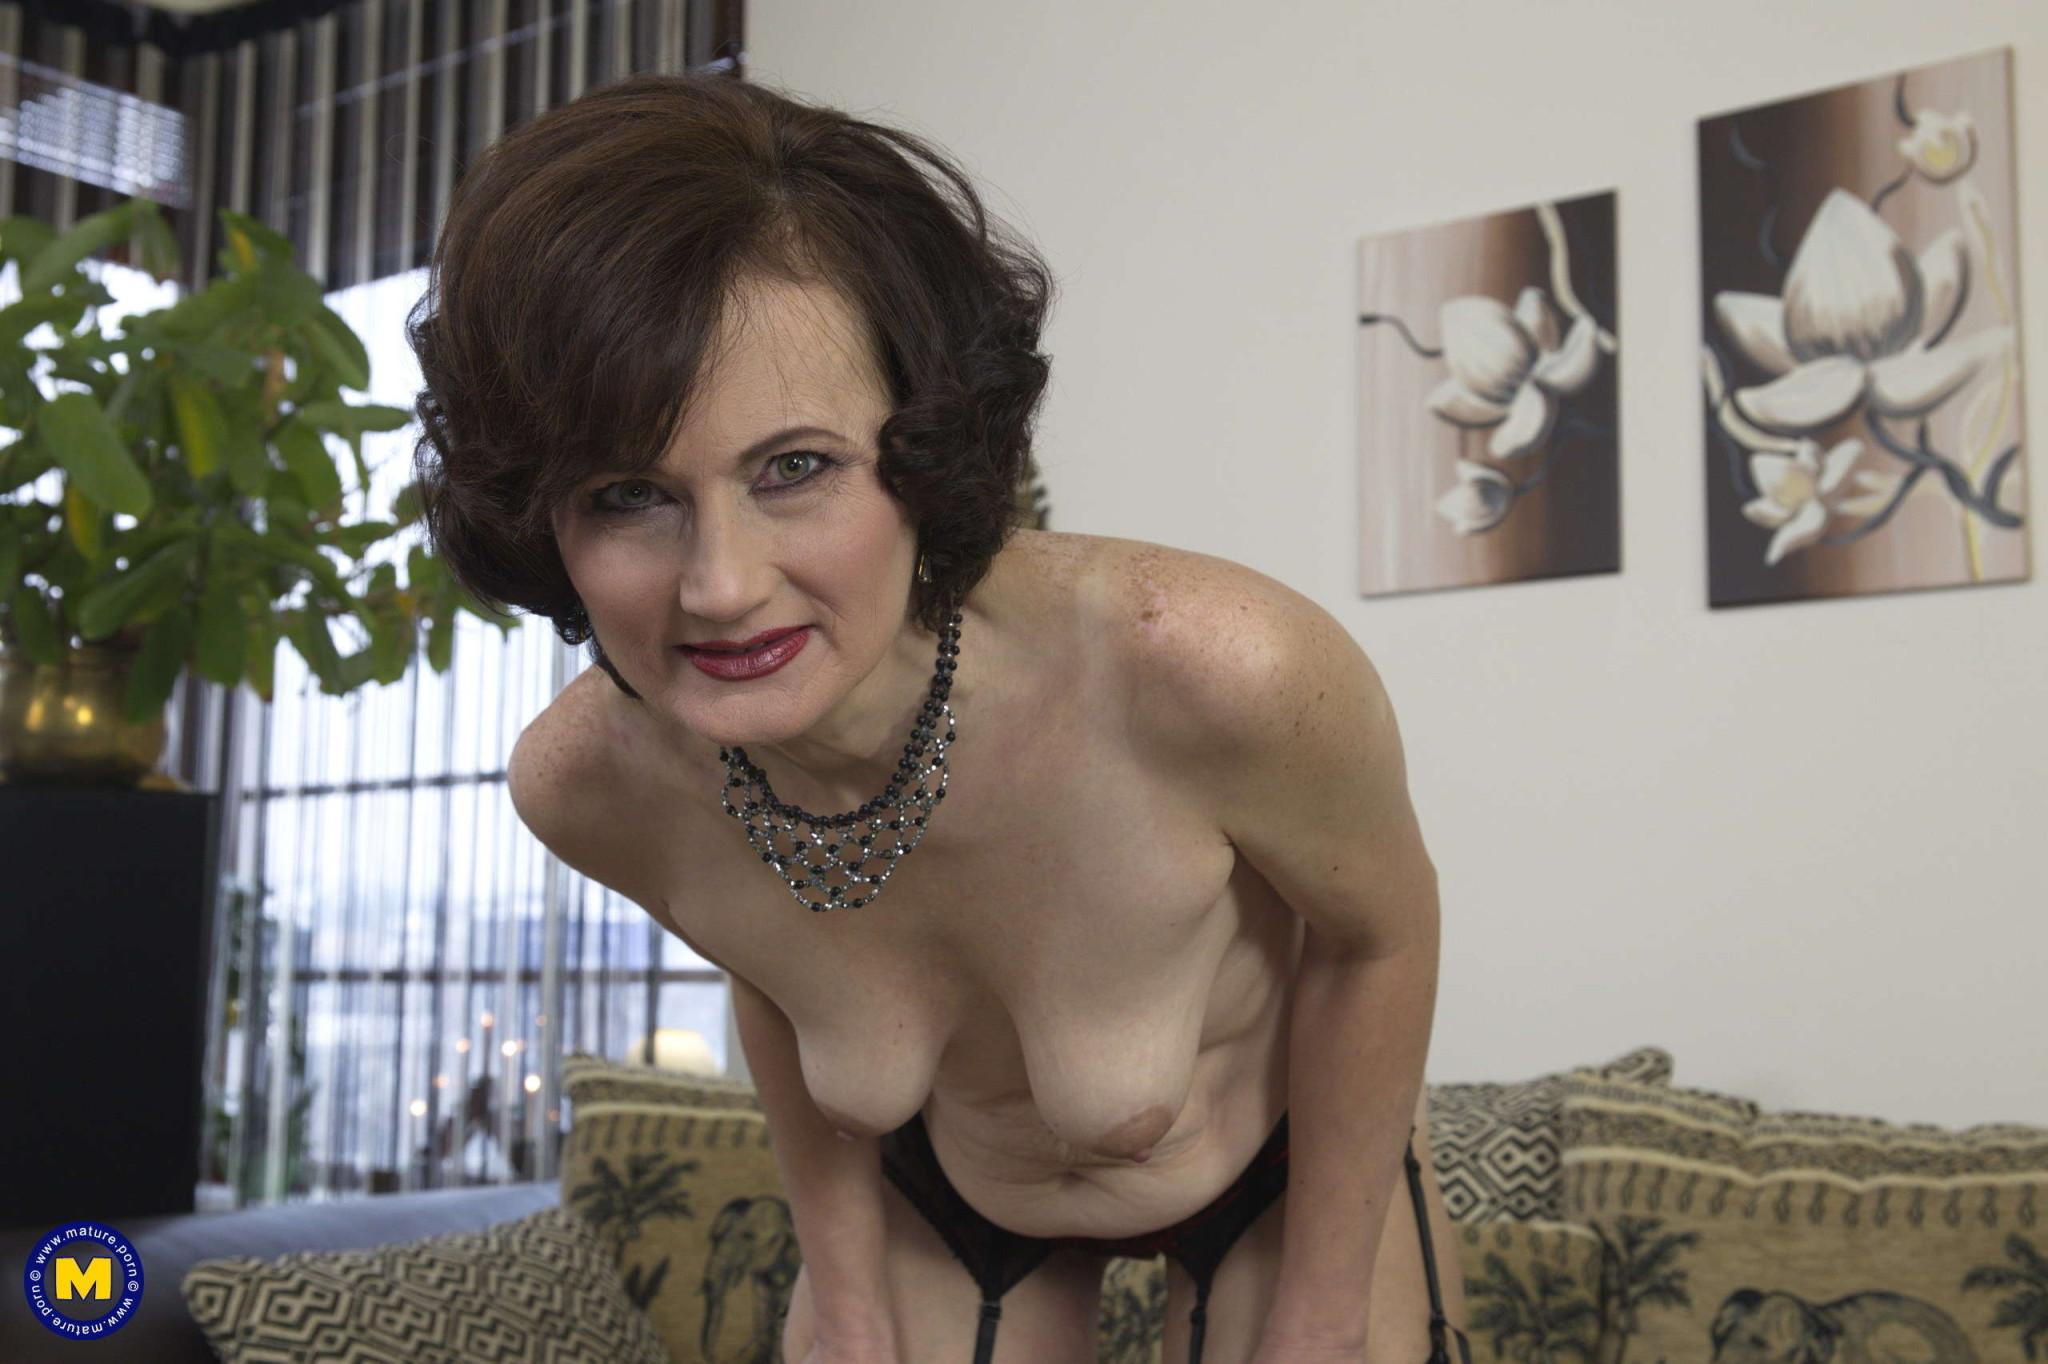 Одинокая пожилая женщина занимается мастурбацией